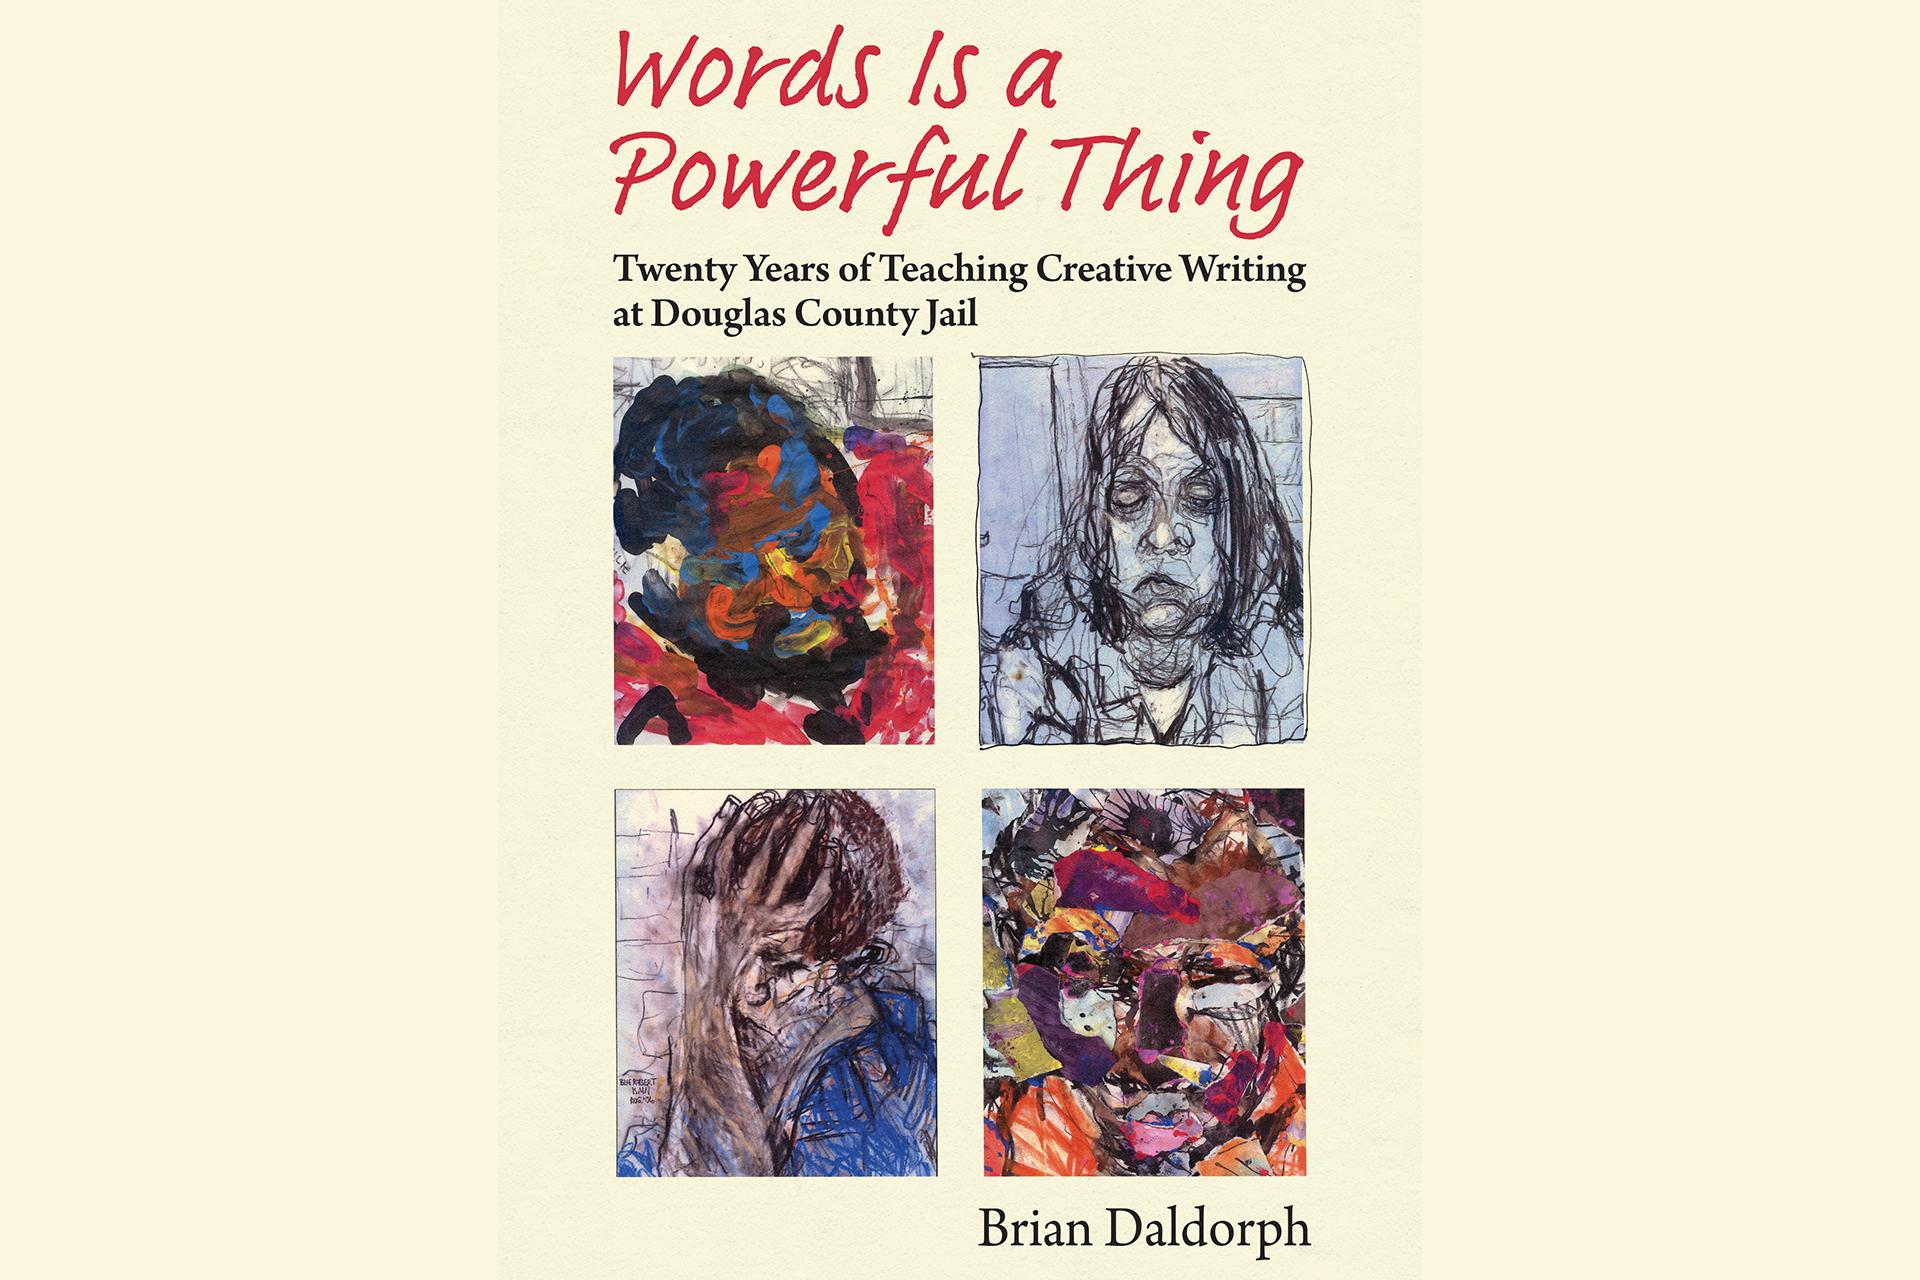 Brian Daldorph book